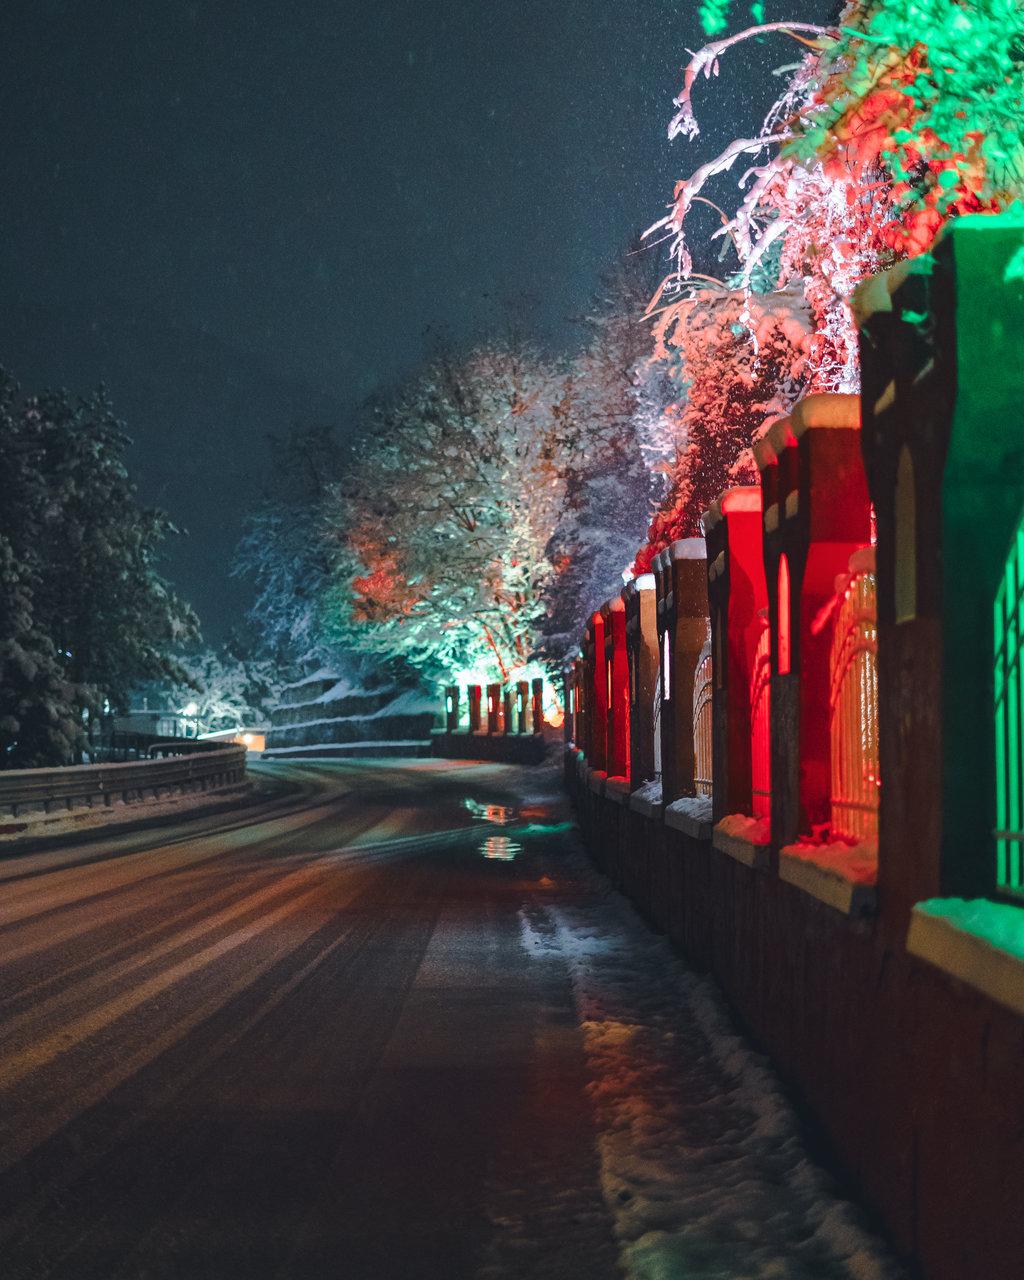 Игра с нощните светлинки | Author Konstantin Sherbetov - Kosiosh | PHOTO FORUM